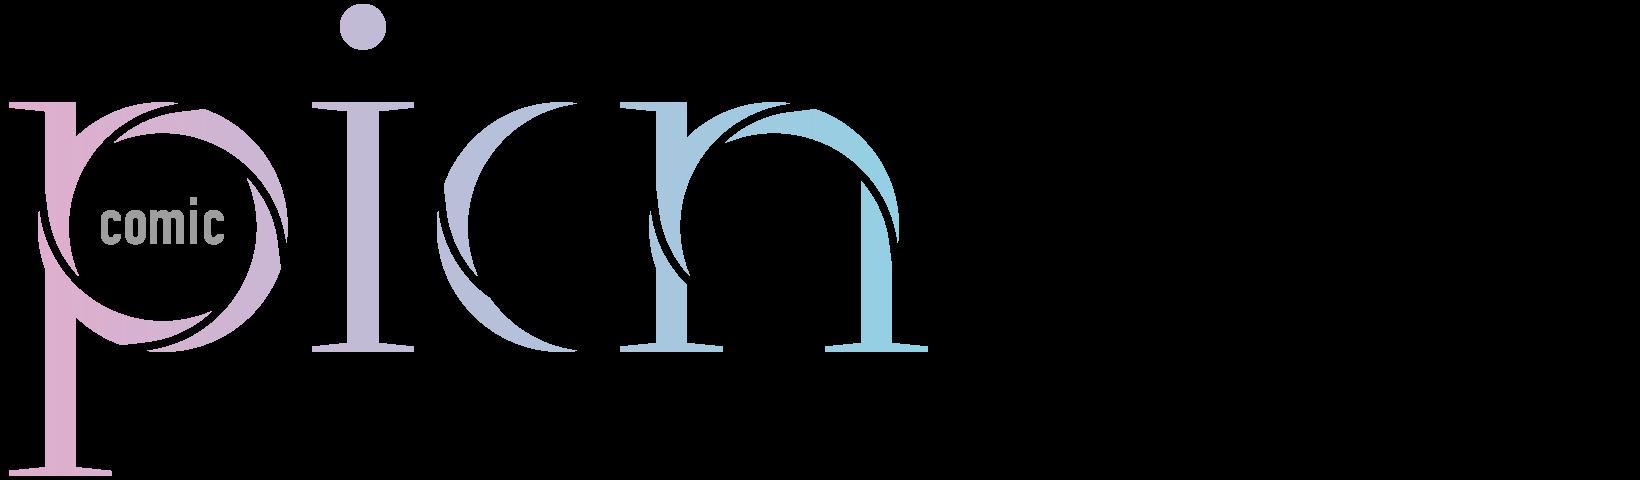 picnロゴ